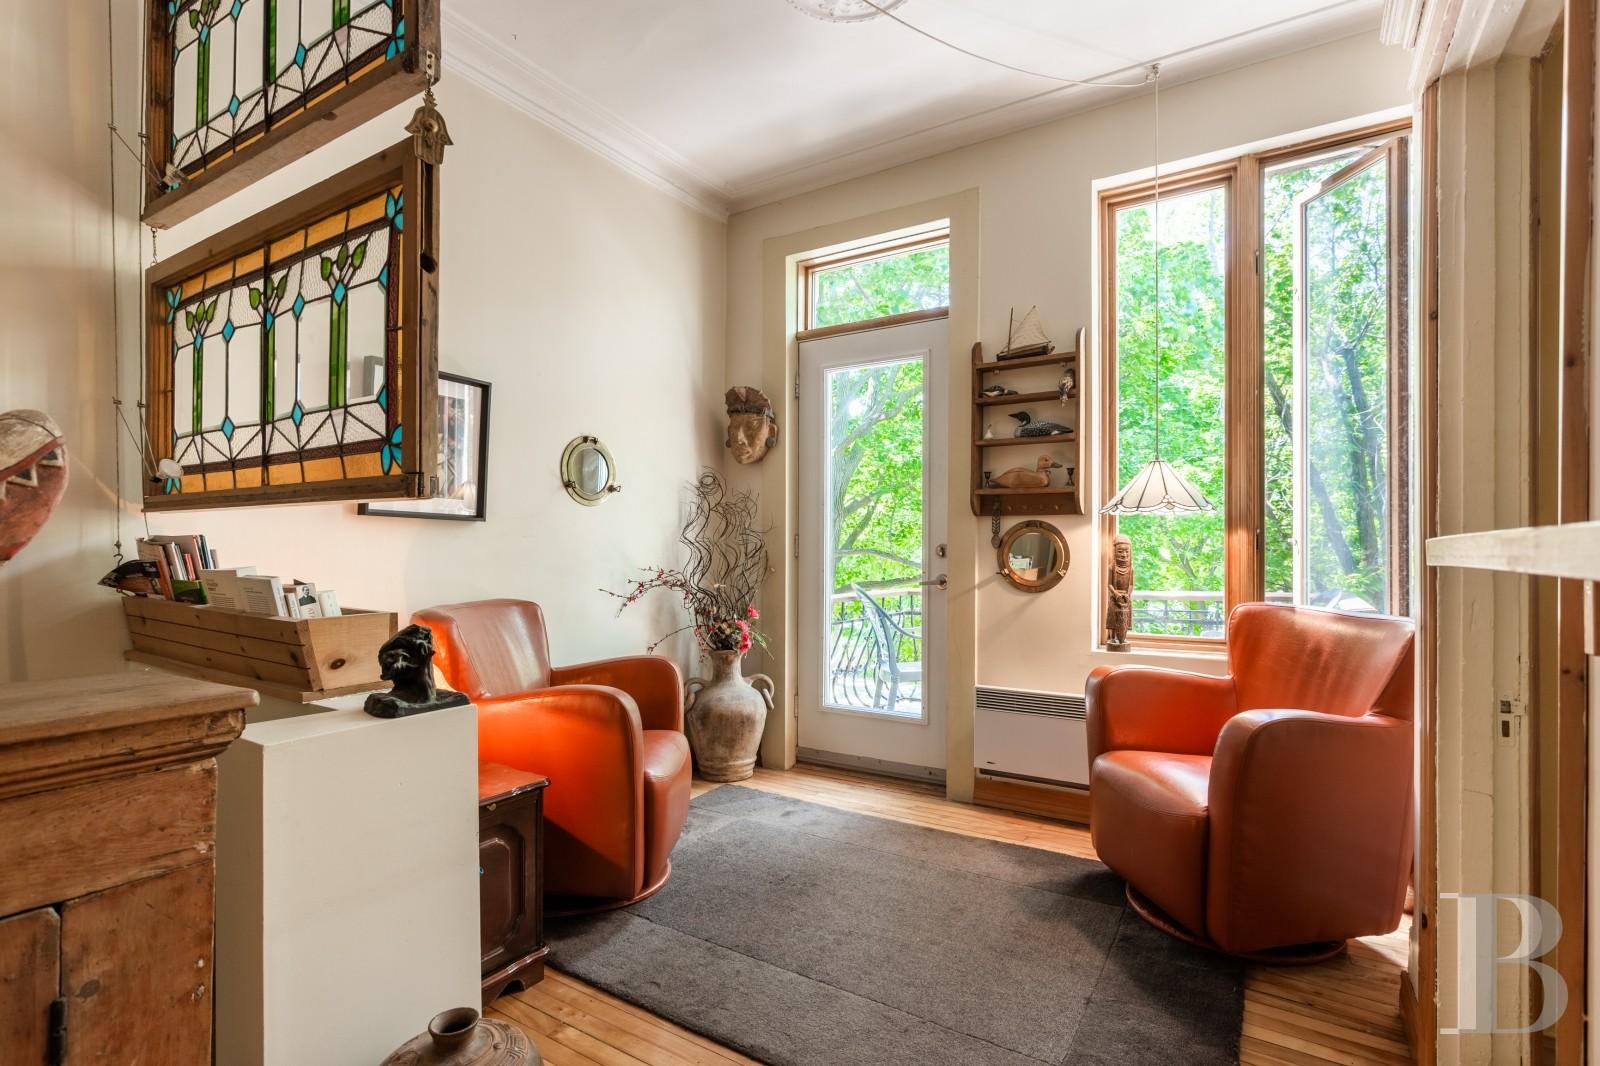 Appartement à vendre montréal - Outremont Canada